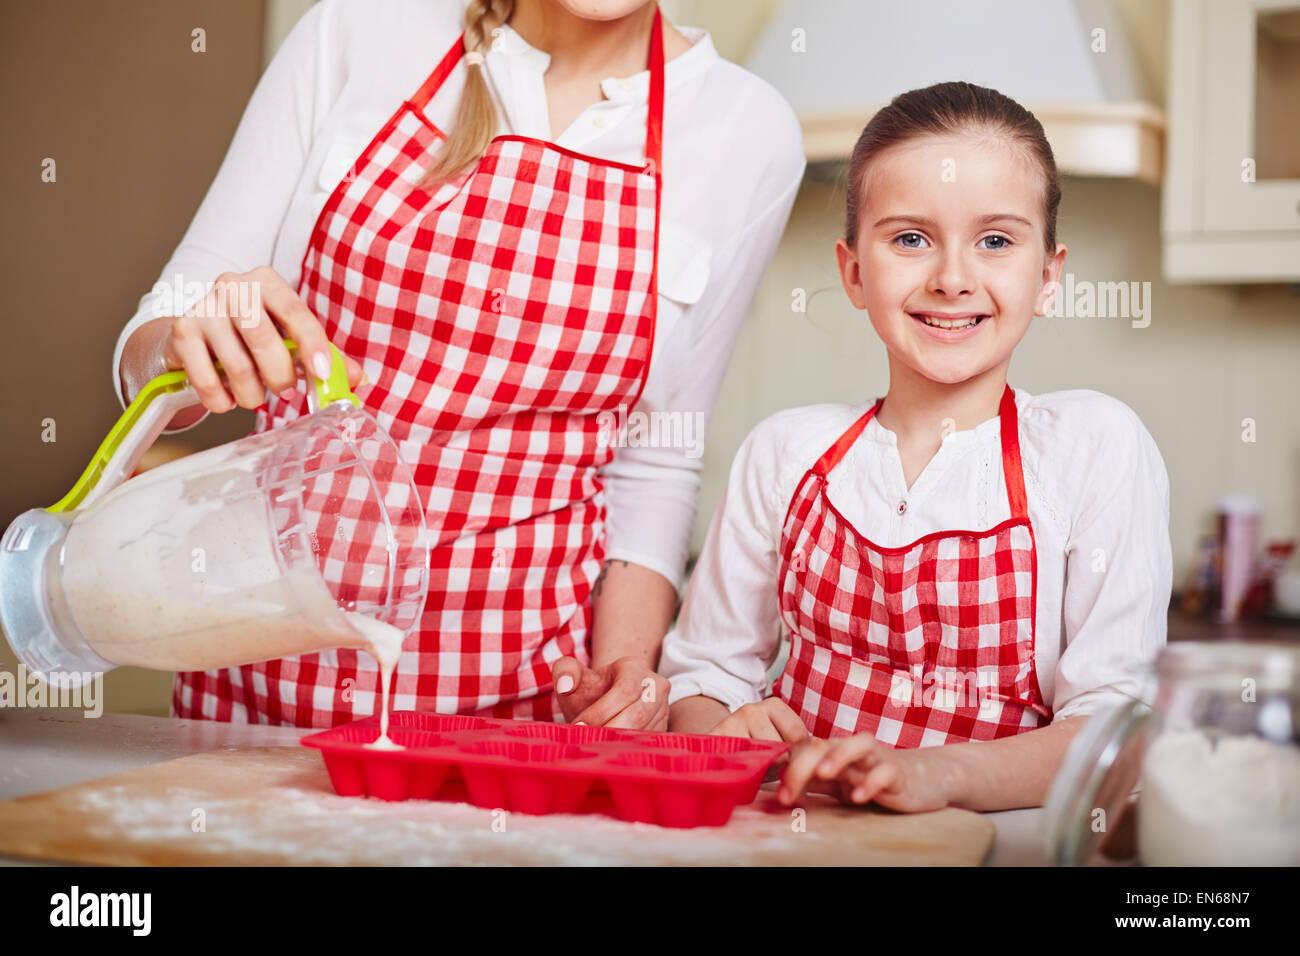 Entzückende Mädchen Blick in die Kamera, während ihre Mutter in Muffin-Formen mit flüssigen Stockbild